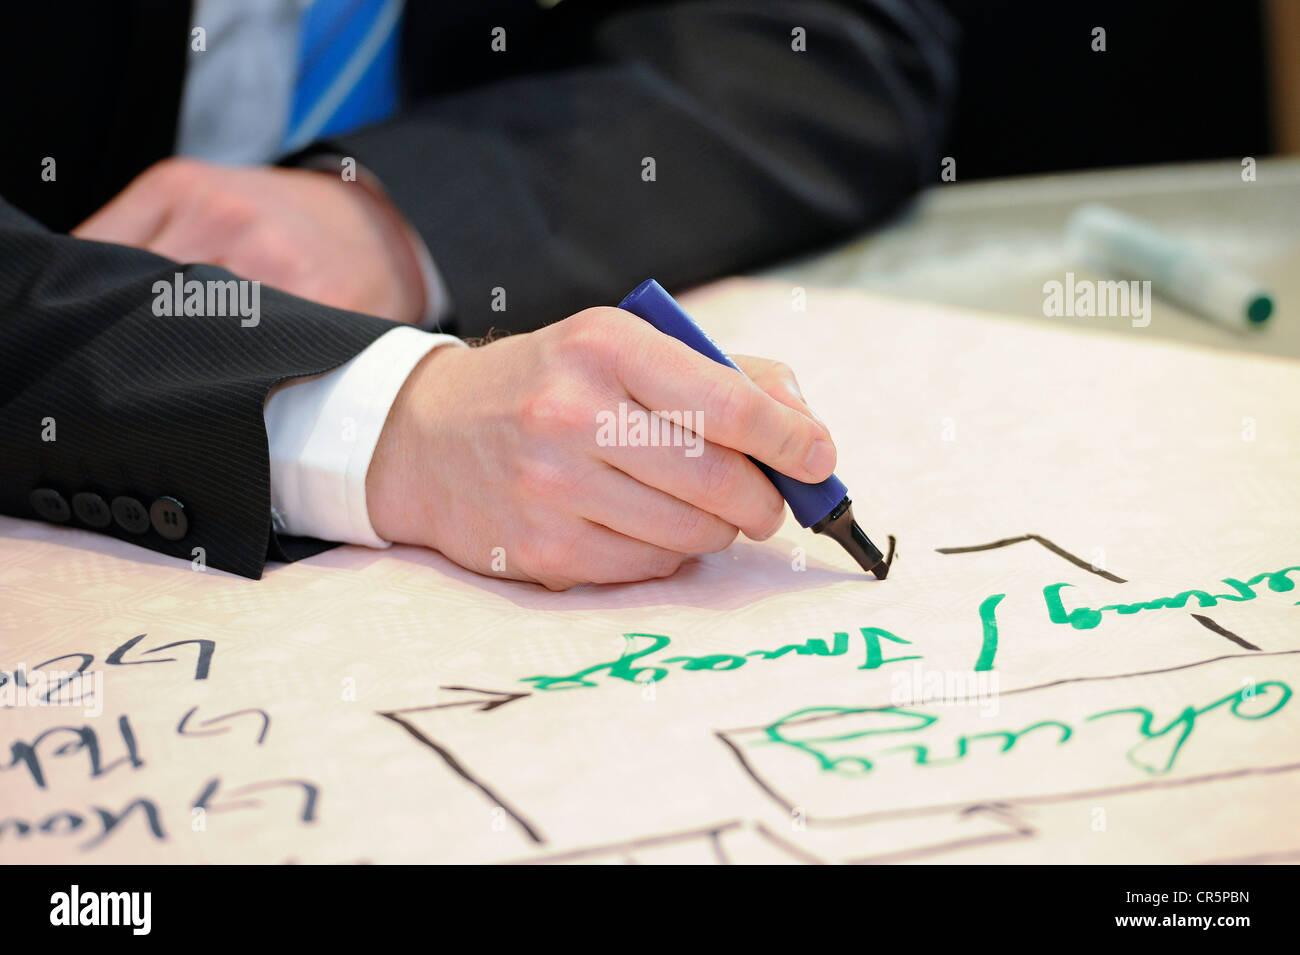 Hände eines Geschäftsmannes schreiben mit einem Stift in seiner rechten Hand, Thüringen, Deutschland, Stockbild